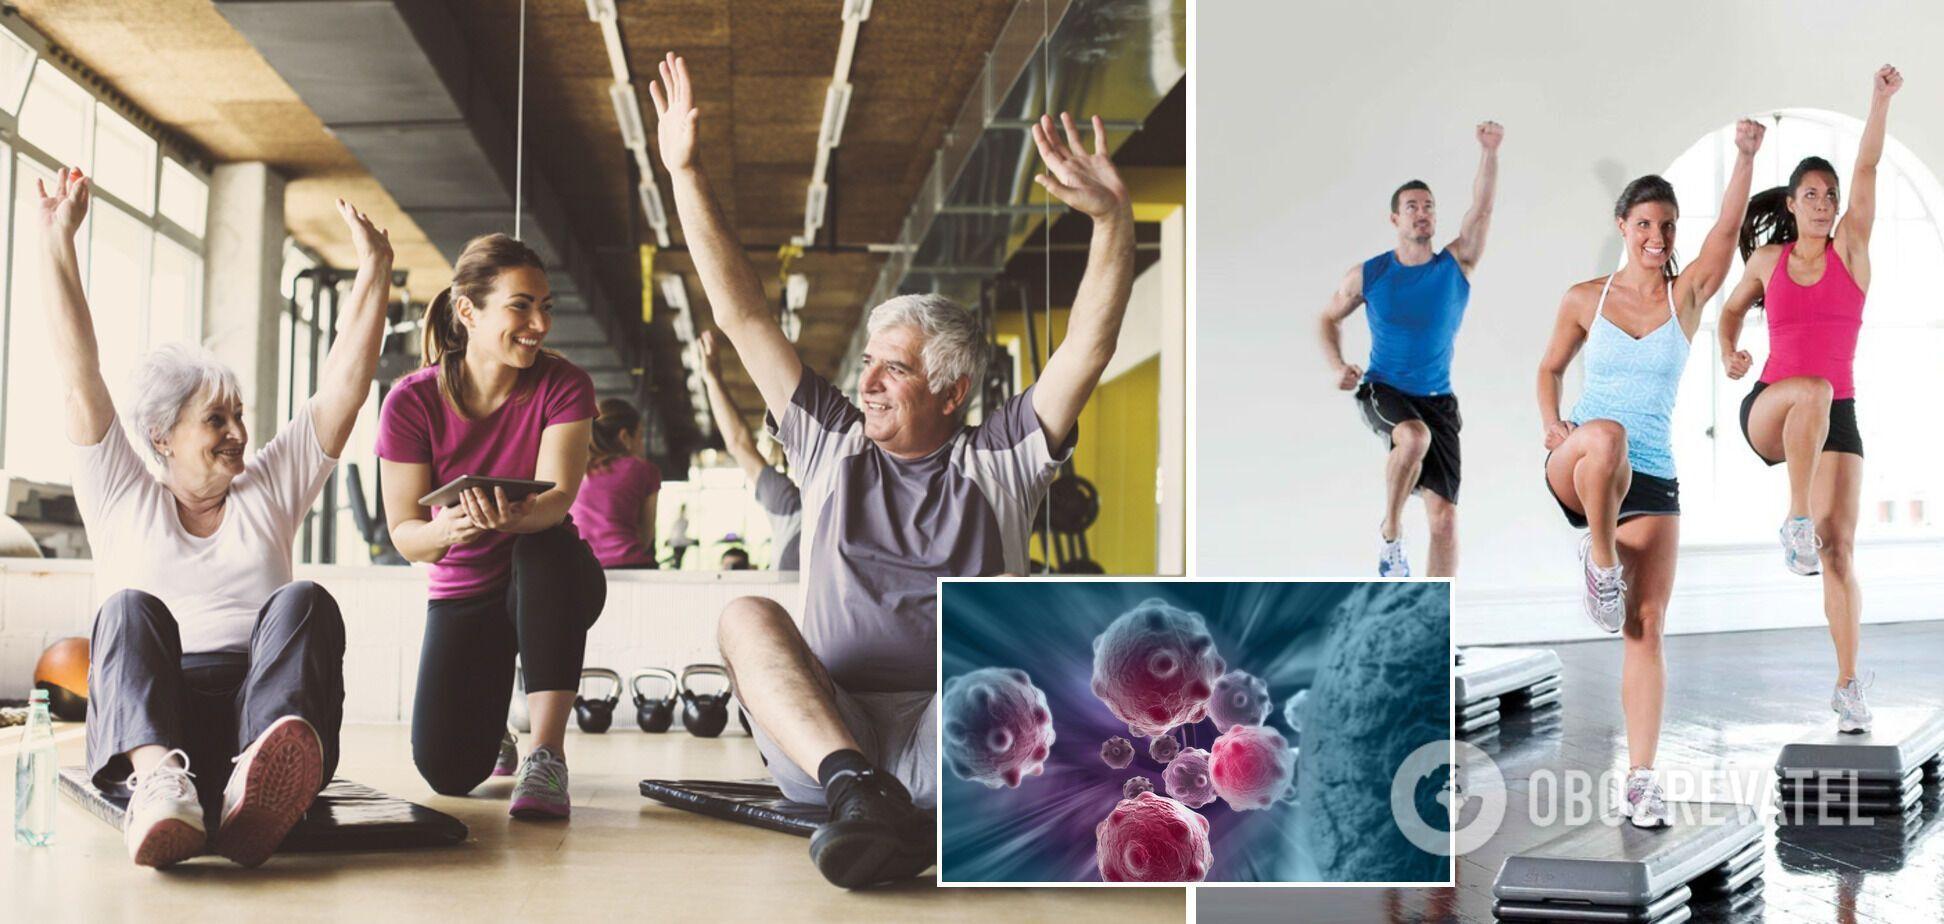 Вчені знайшли зв'язок між силовими навантаженнями й зниженням розвитку раку